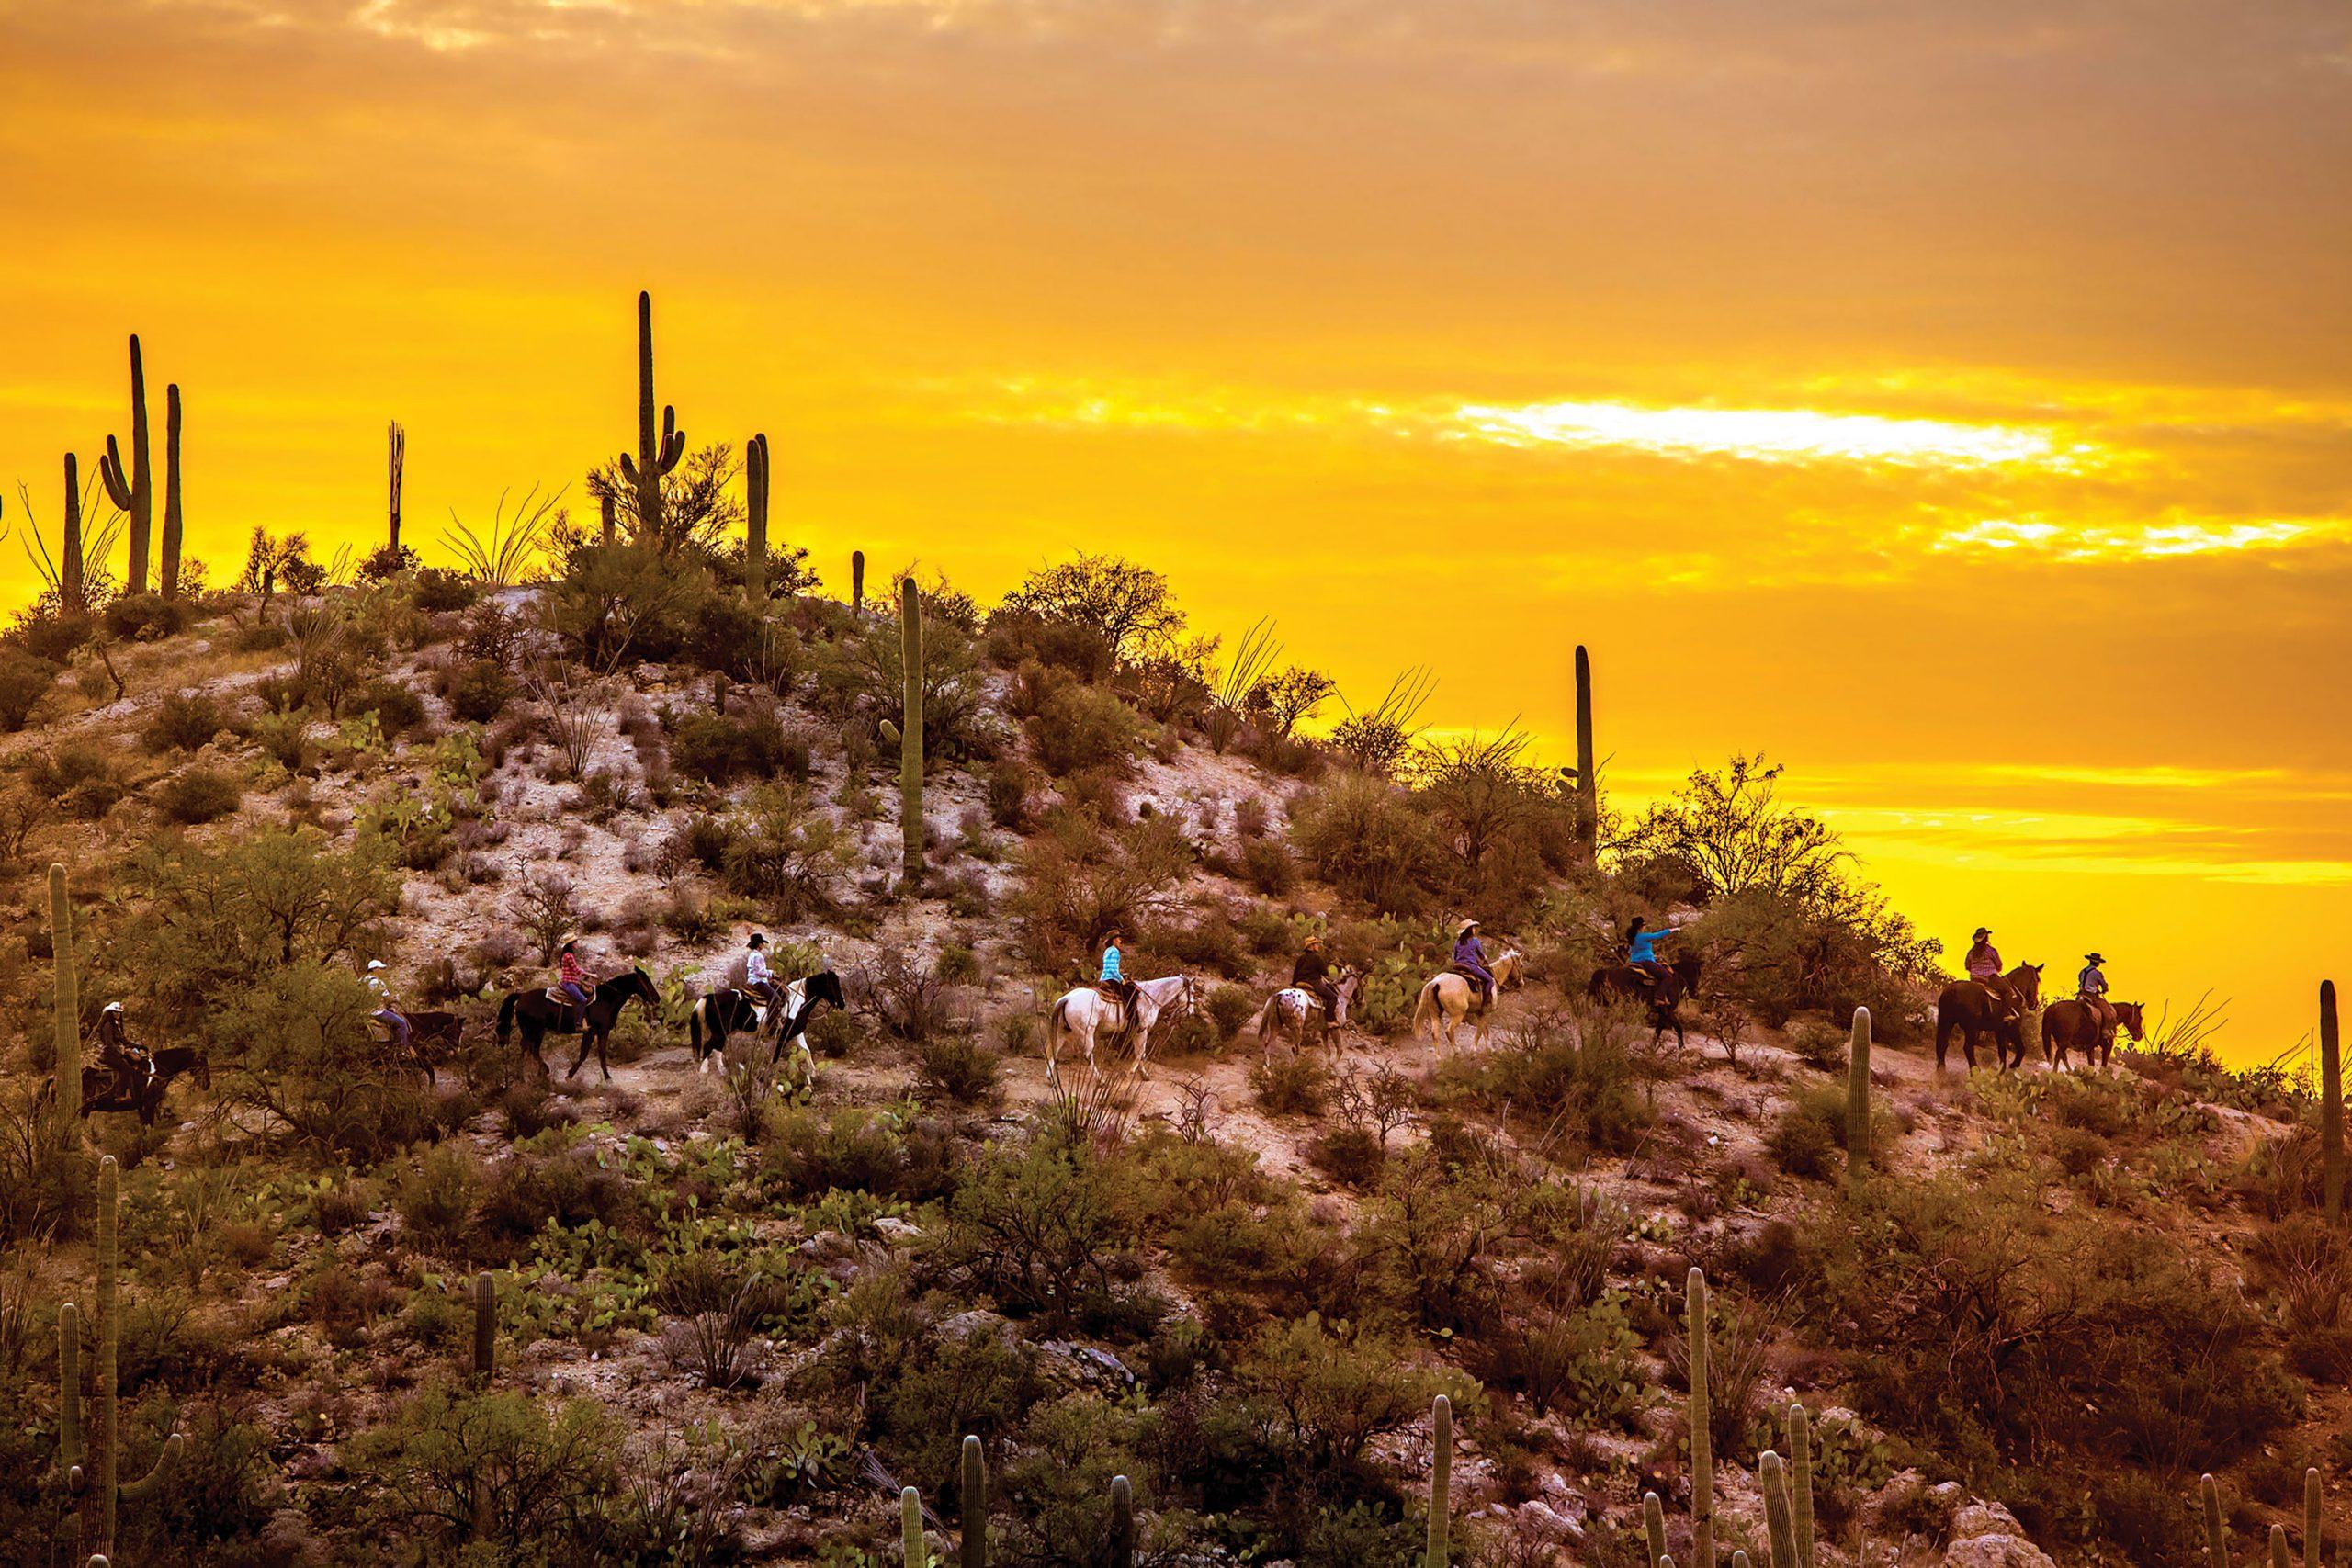 Horseback riding through the desert at Tanque Verde Ranch; Photo courtesy Tanque Verde Ranch